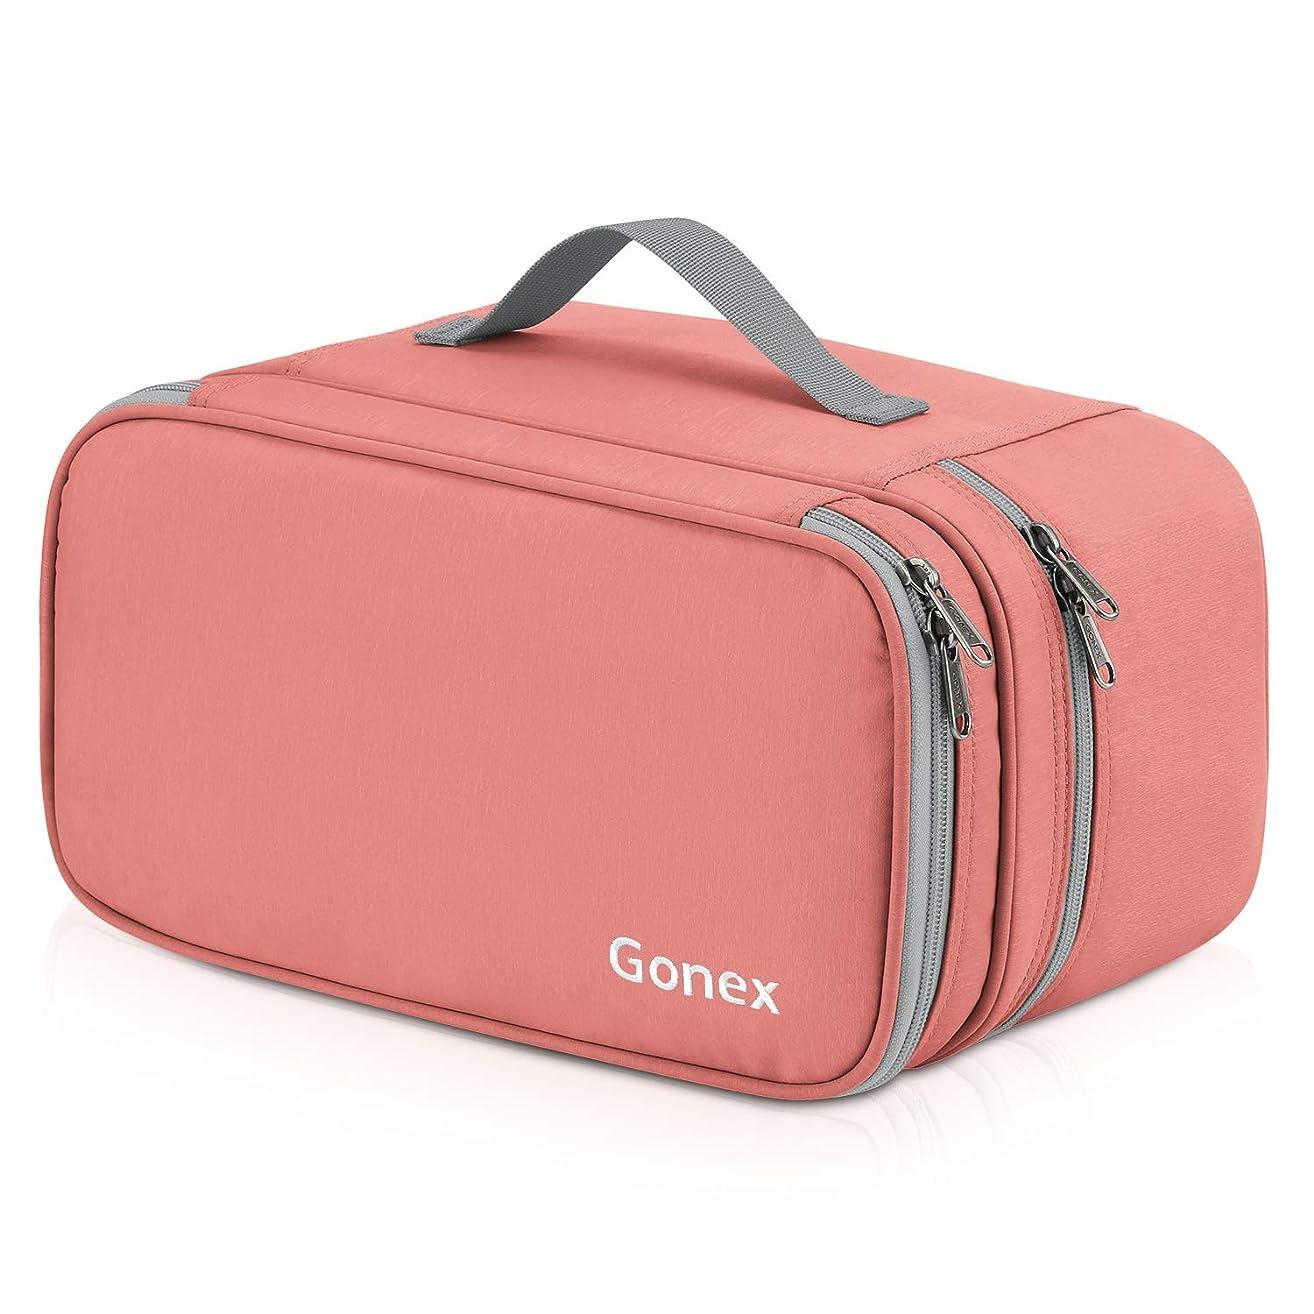 Bra Travel Organizer Bag, Gonex Underwear Lingerie Packing Storage Case Coral